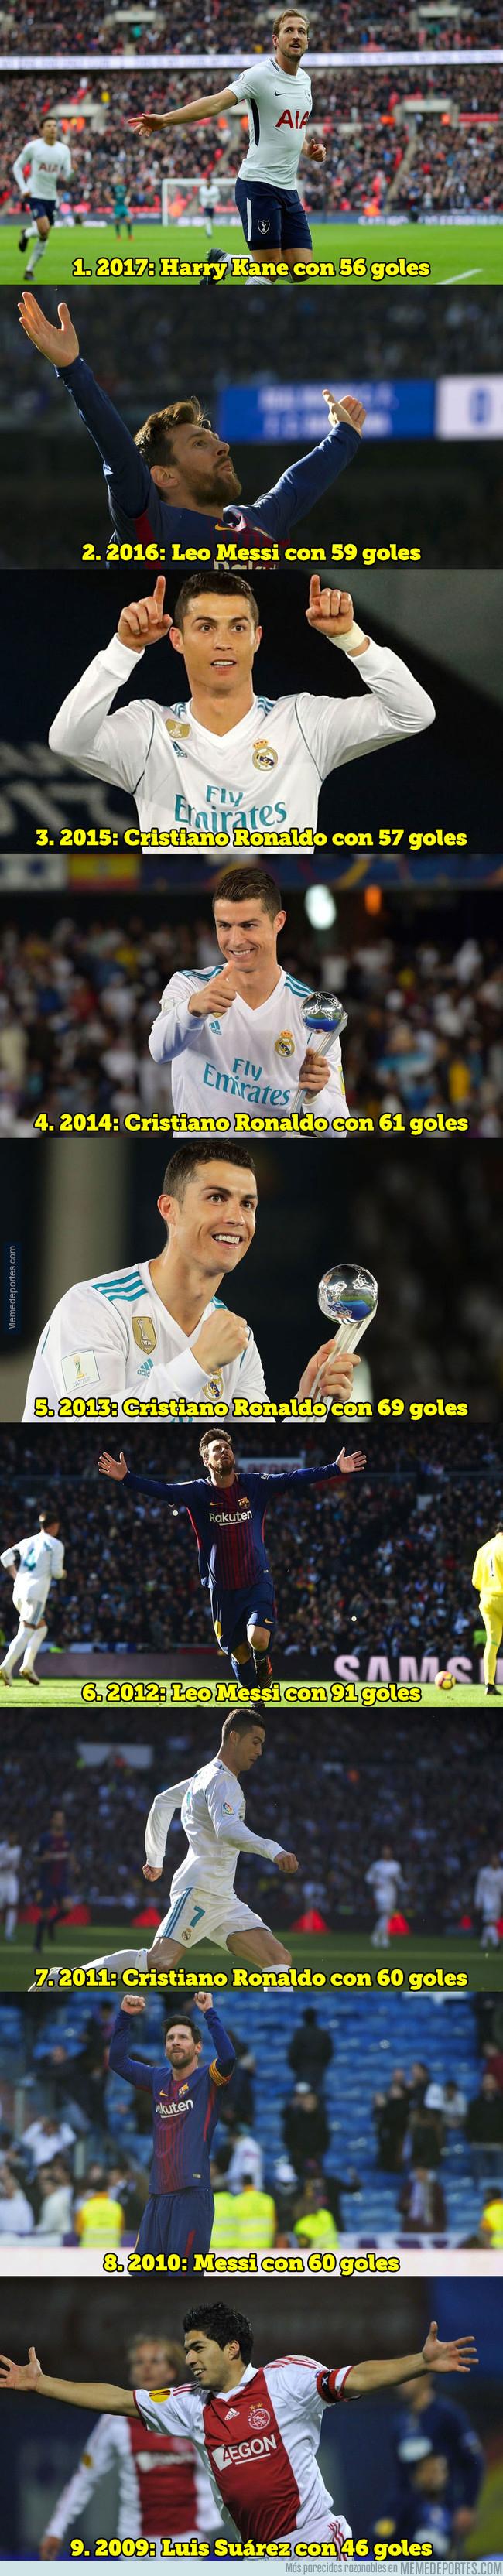 1013944 - El máximo goleador de cada año natural desde 2009